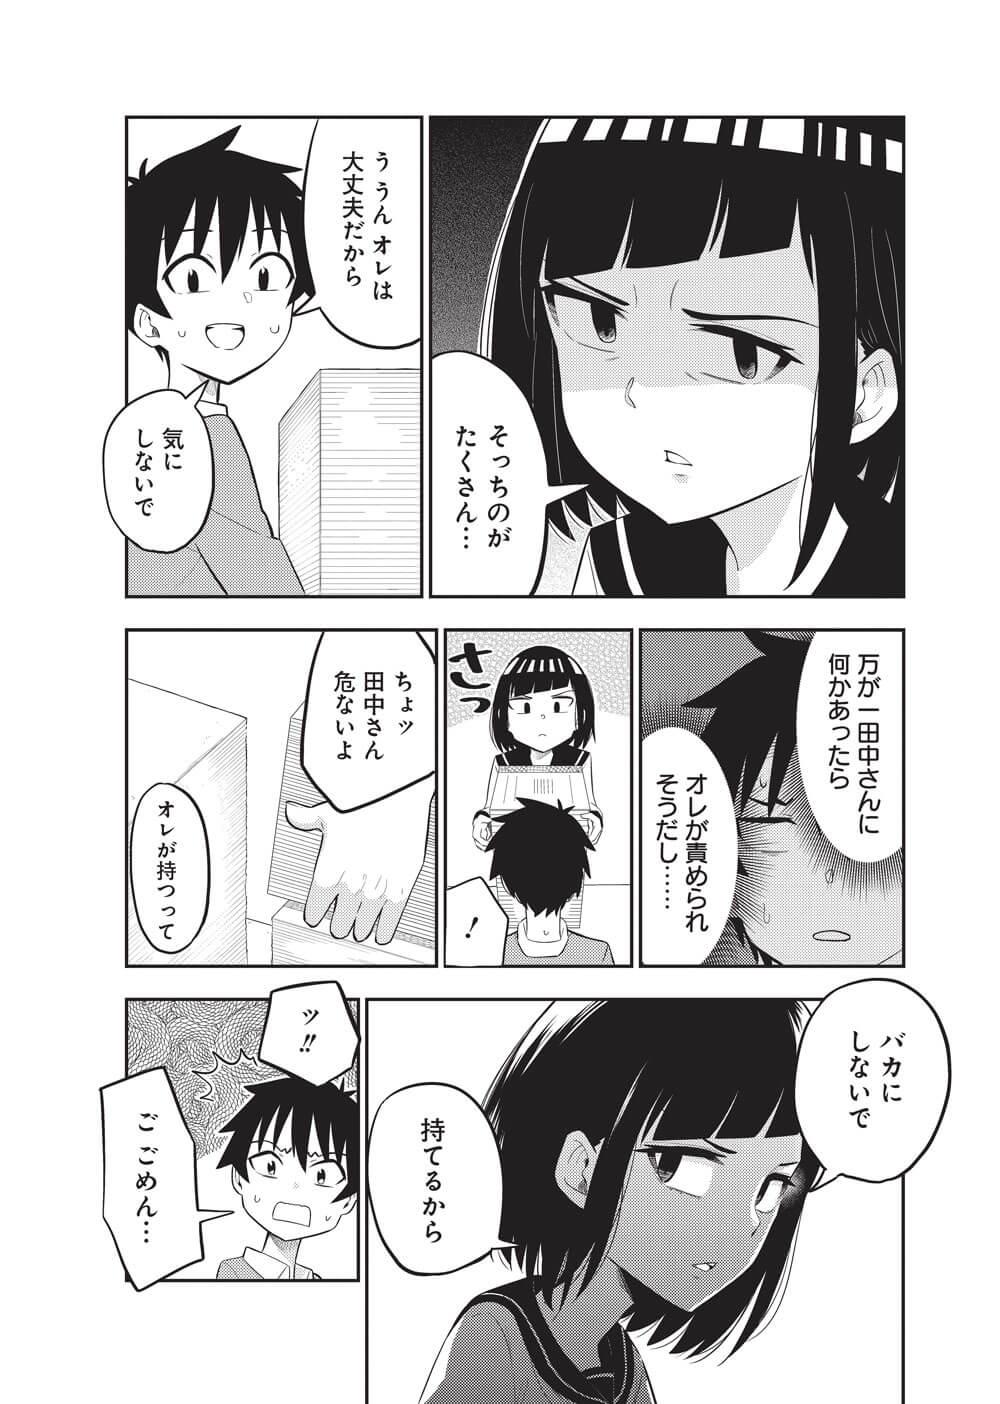 クラスメイトの田中さんはすごく怖い-4-2